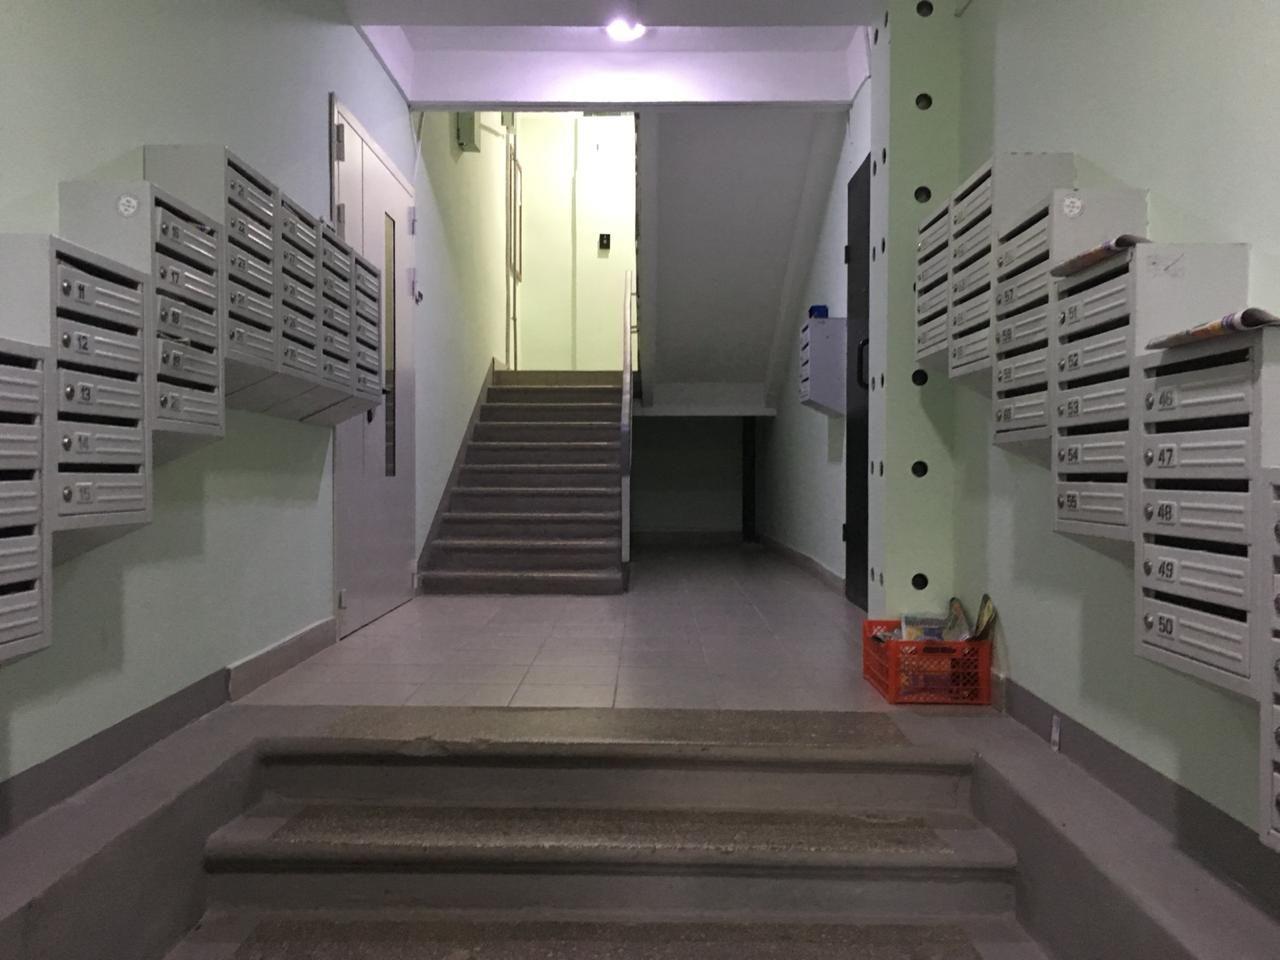 капремонт, холл, подъезд, новые почтовые ящики